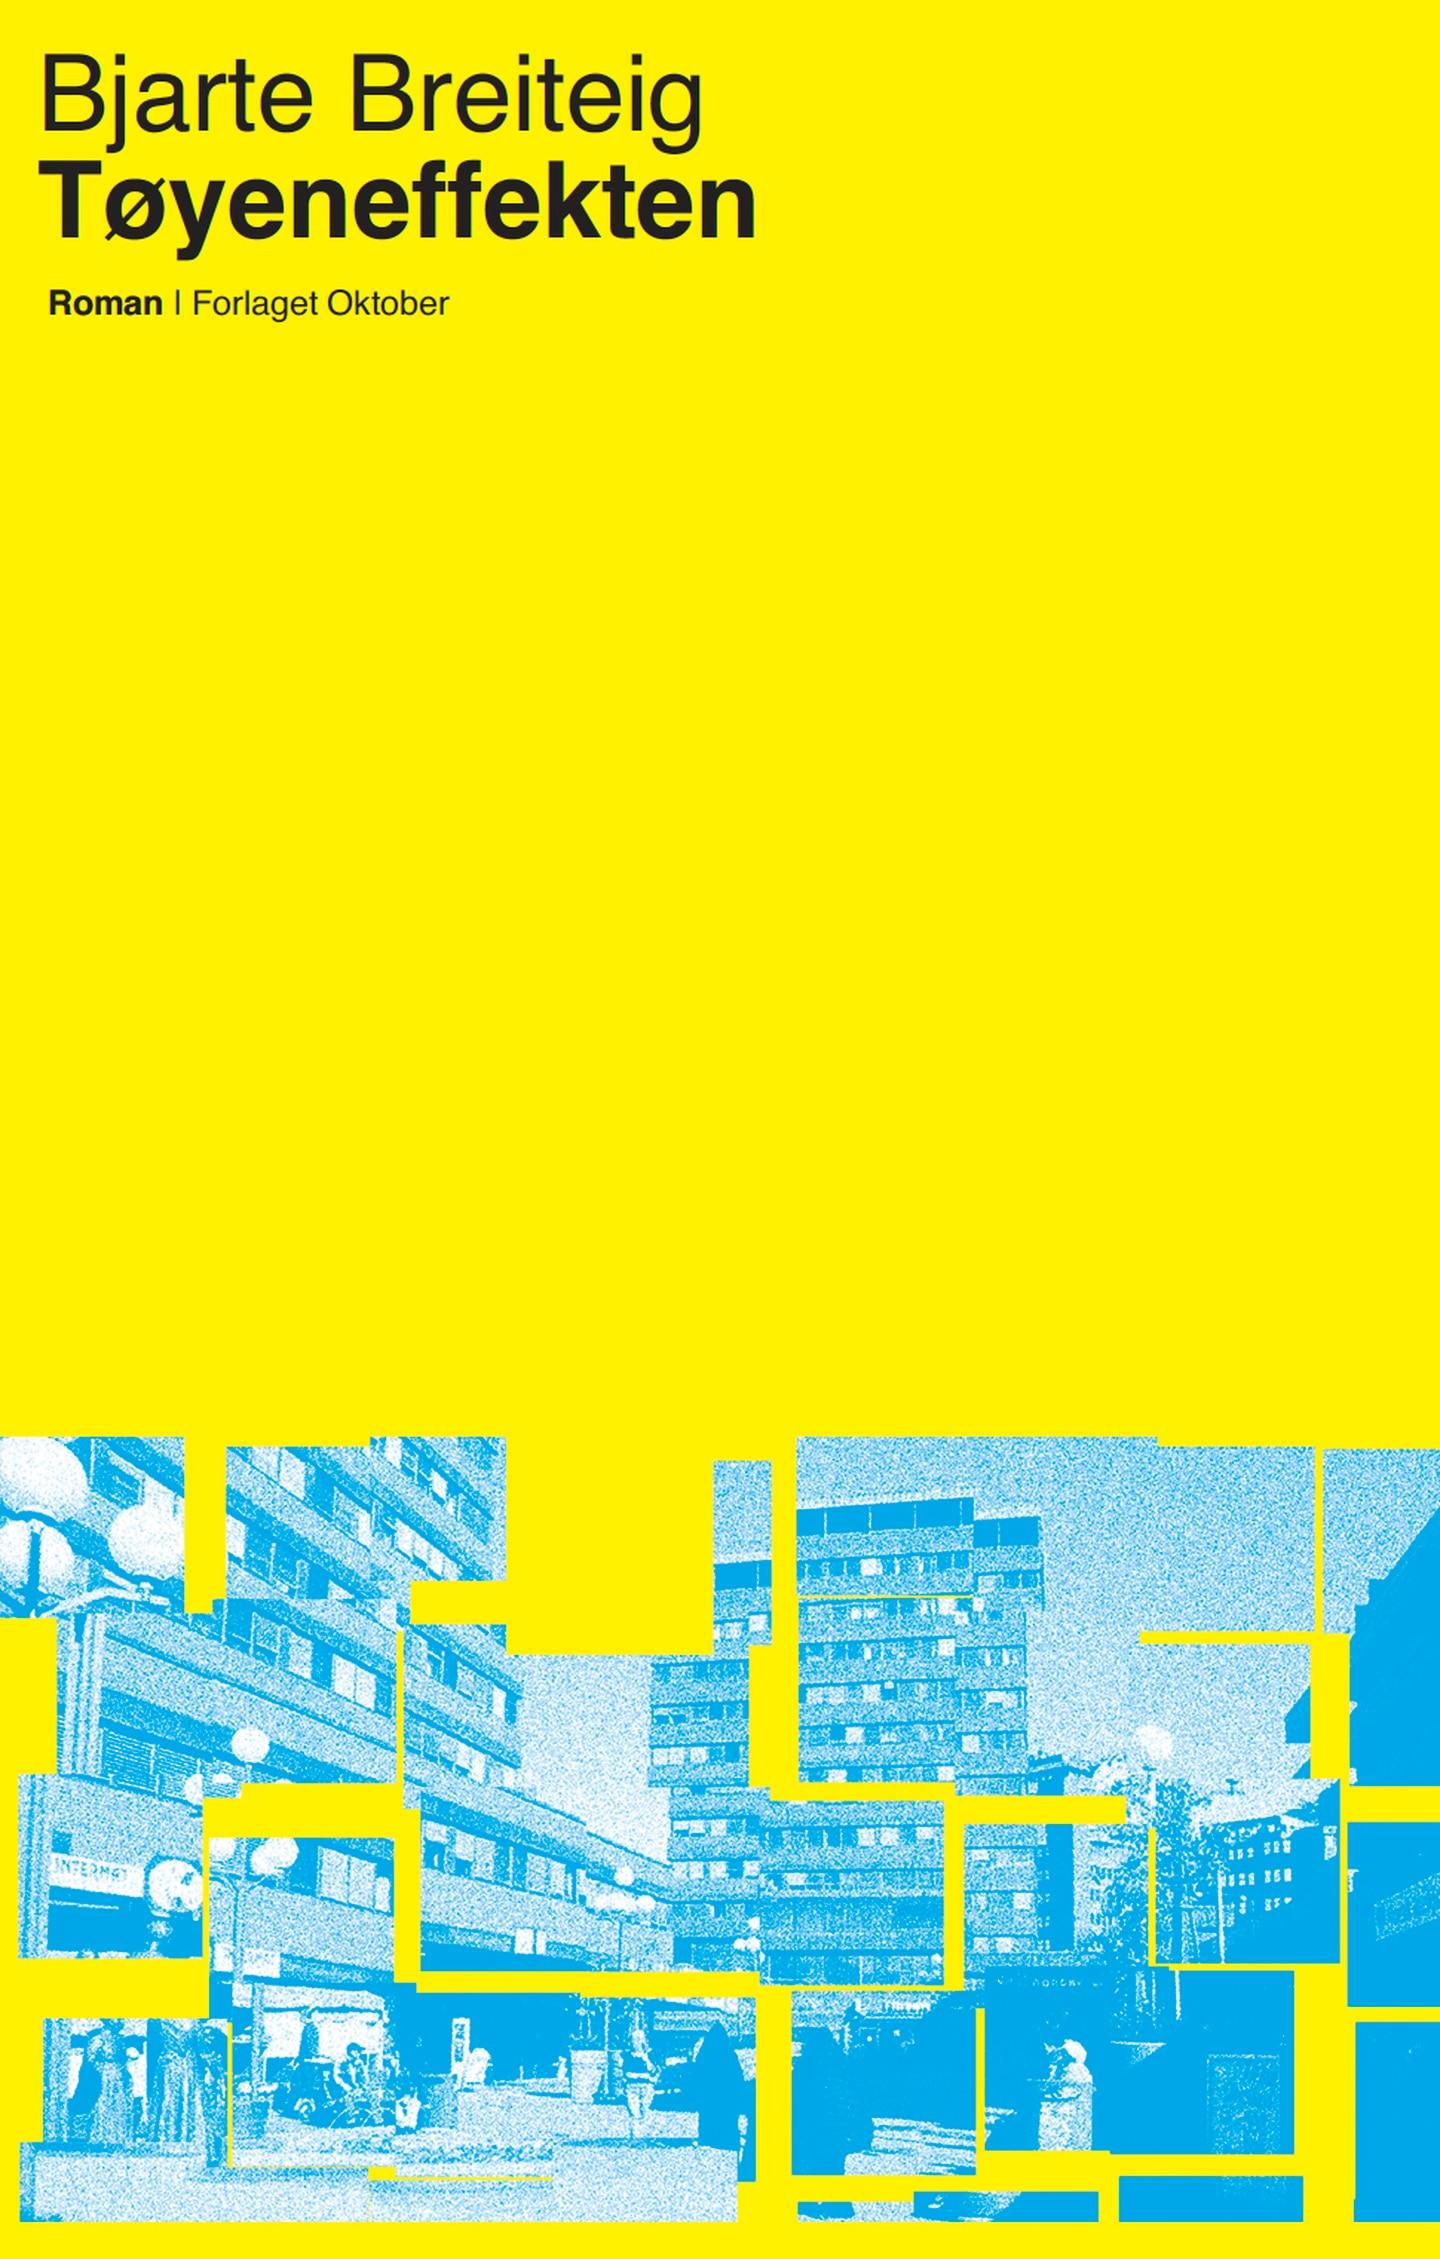 Bjarte Breiteigs bok «Tøyeneffekten», som kommer ut i oktober.